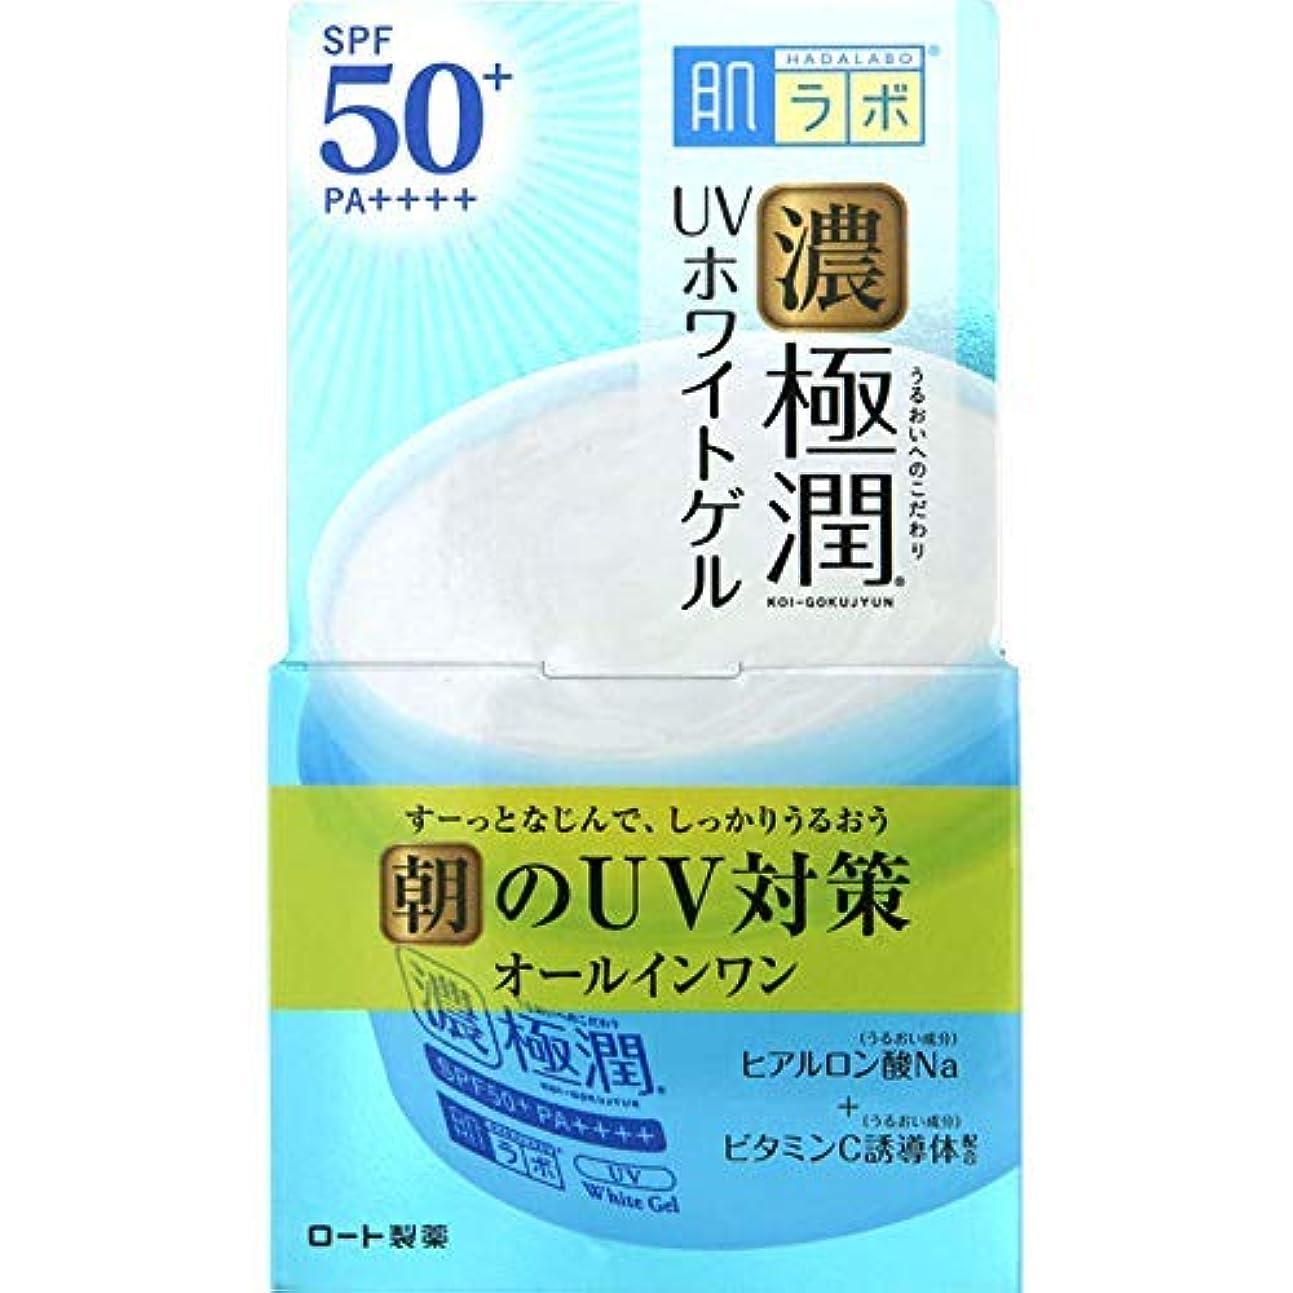 外出敵対的スカリー肌ラボ 濃い極潤 オールインワン UVホワイトゲル (SPF50+ PA++++) 90g